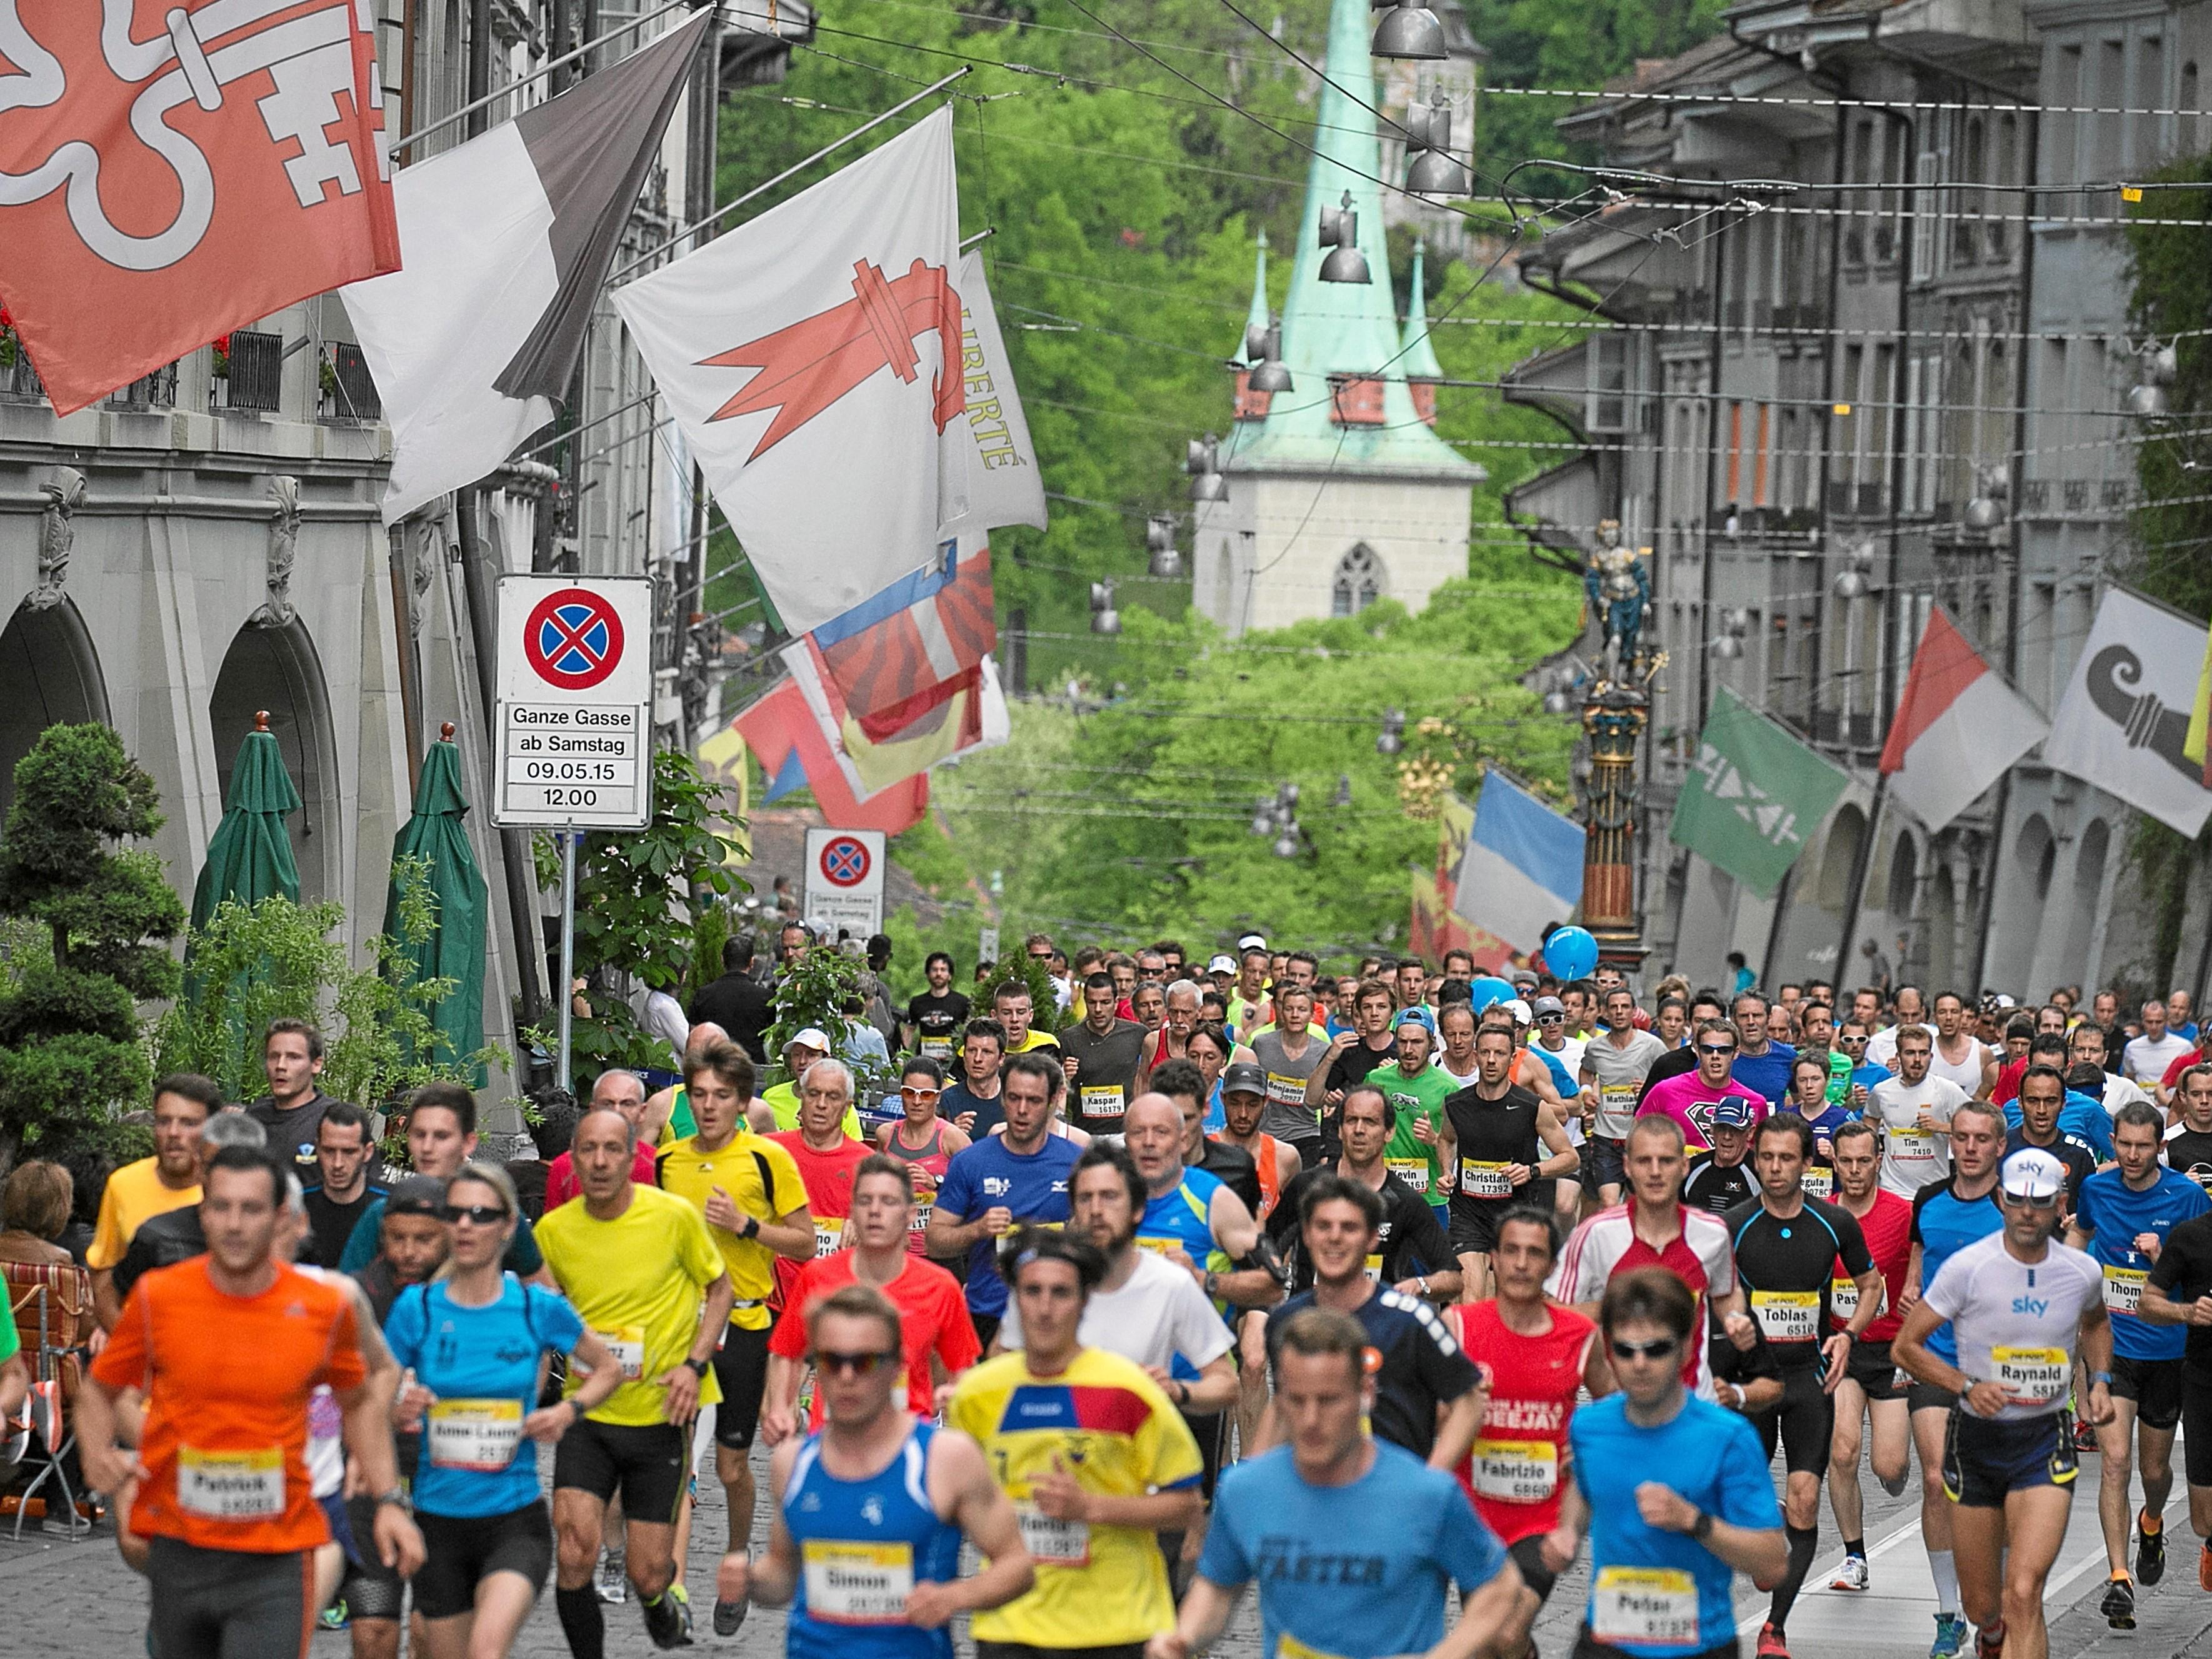 BERN, 09MAI15 - Lauf durch die historische Berner Altstadt, eine einmalige Kulisse mit Weltruf. Impression vom 34. Grand-Prix von Bern am 9. Mai 2015. Impression of the 34th Grand Prix of Bern, a popular race through the old town of Bern, Switzerland, May 9, 2015. More than 31 000 runners take part in the GP Bern 2015.